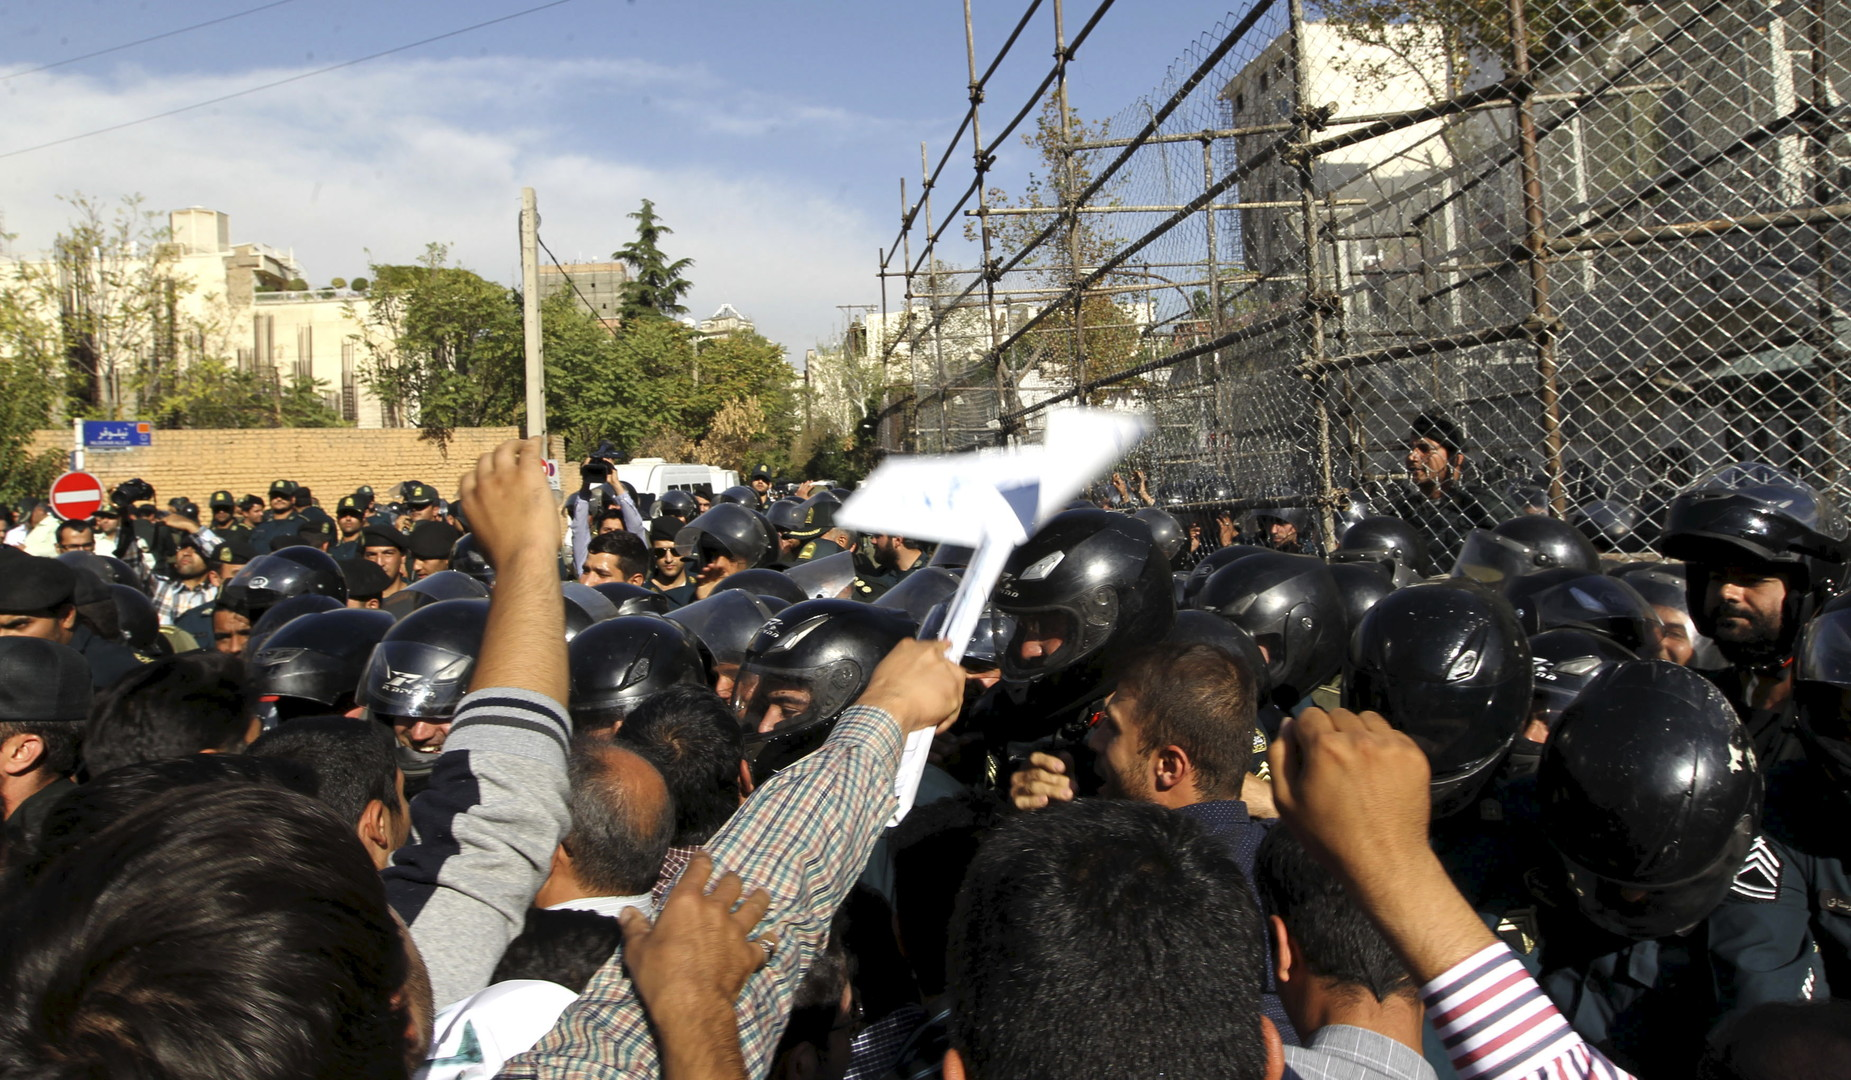 حادثة الحجاج في منى ونذر الحرب بين السعودية وإيران